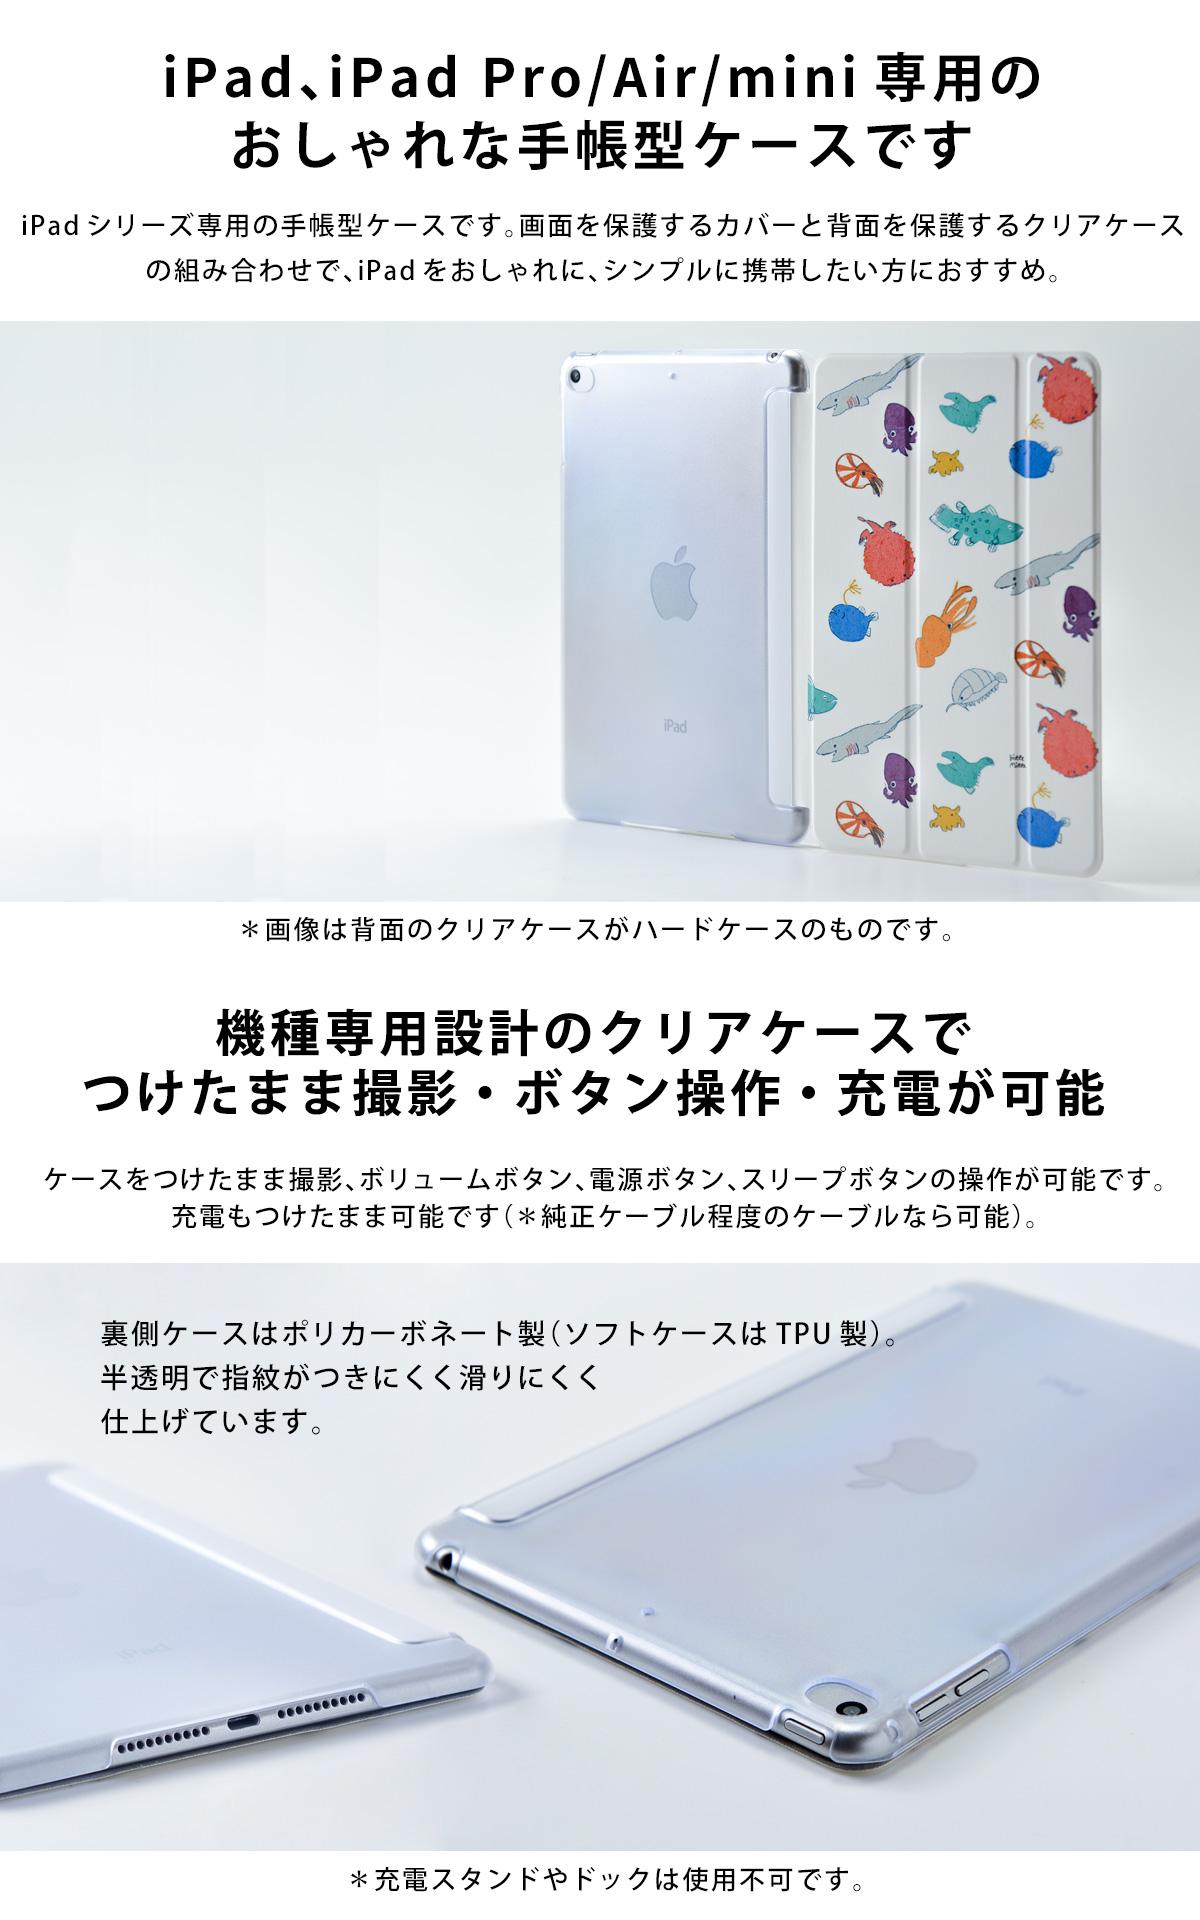 iPad、iPad mini 専用のおしゃれなフリップケースです